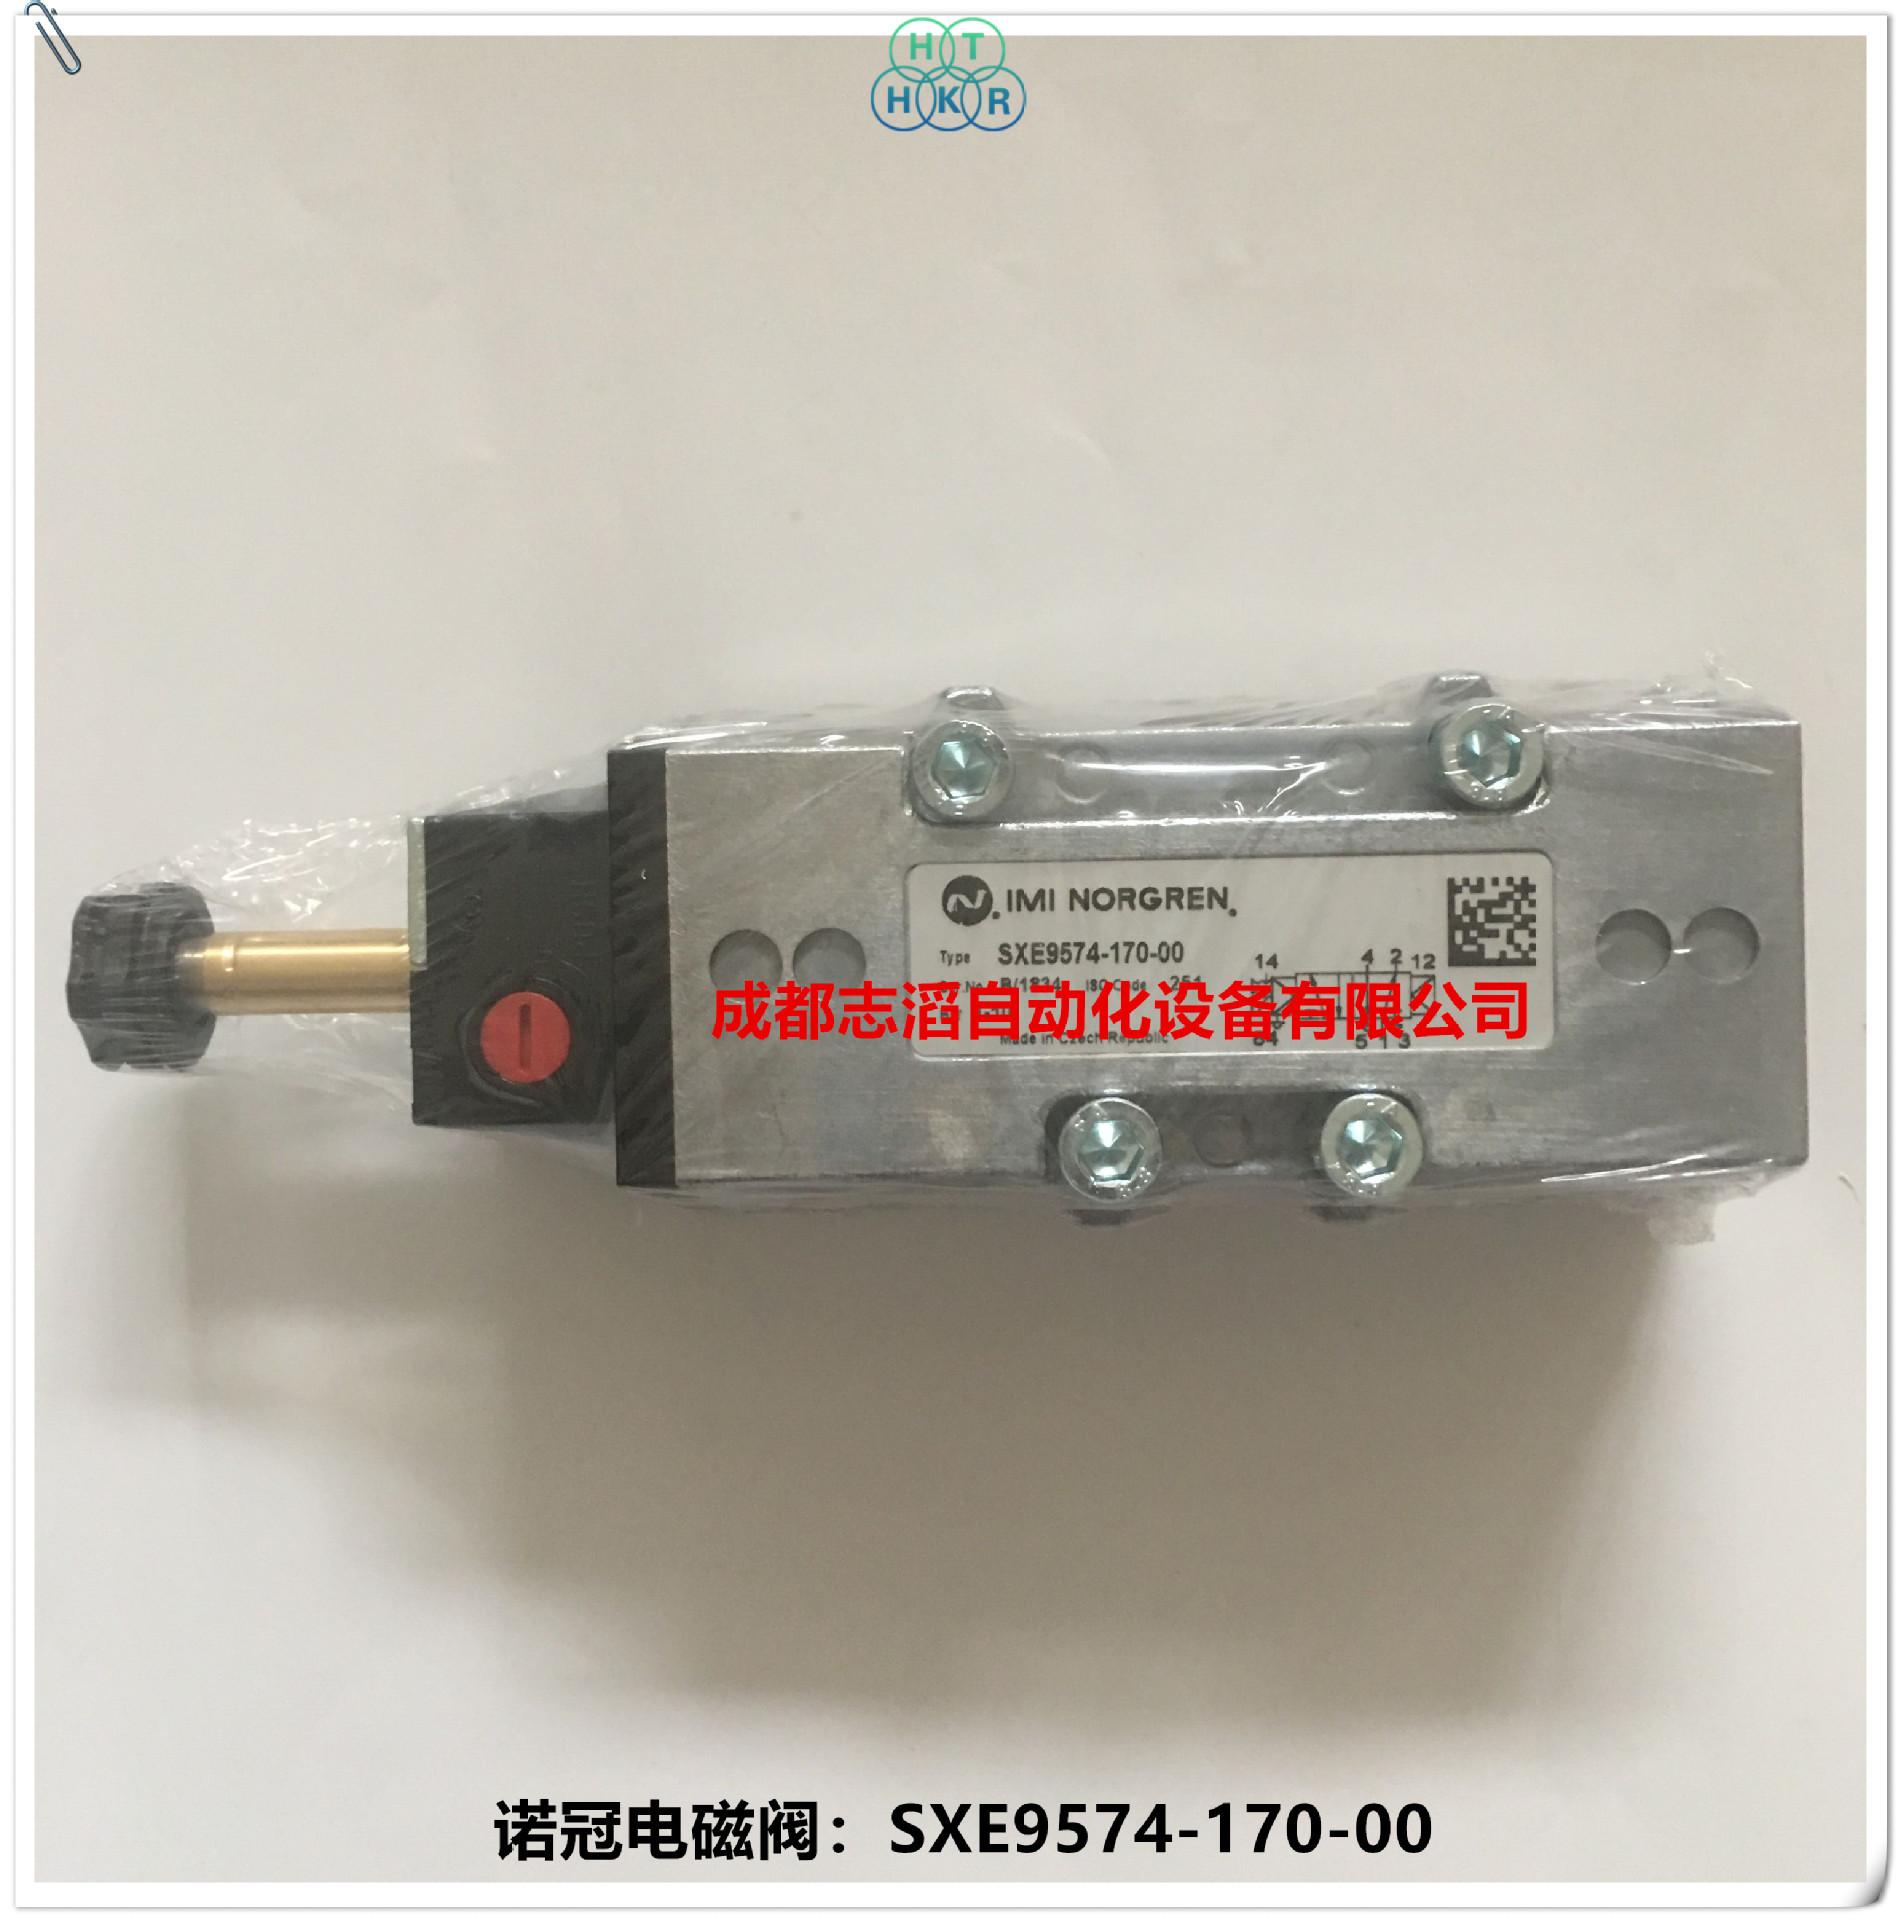 SXE9574-170-00英国诺冠电磁阀IMI电磁阀ISO金属阀芯SXE9574